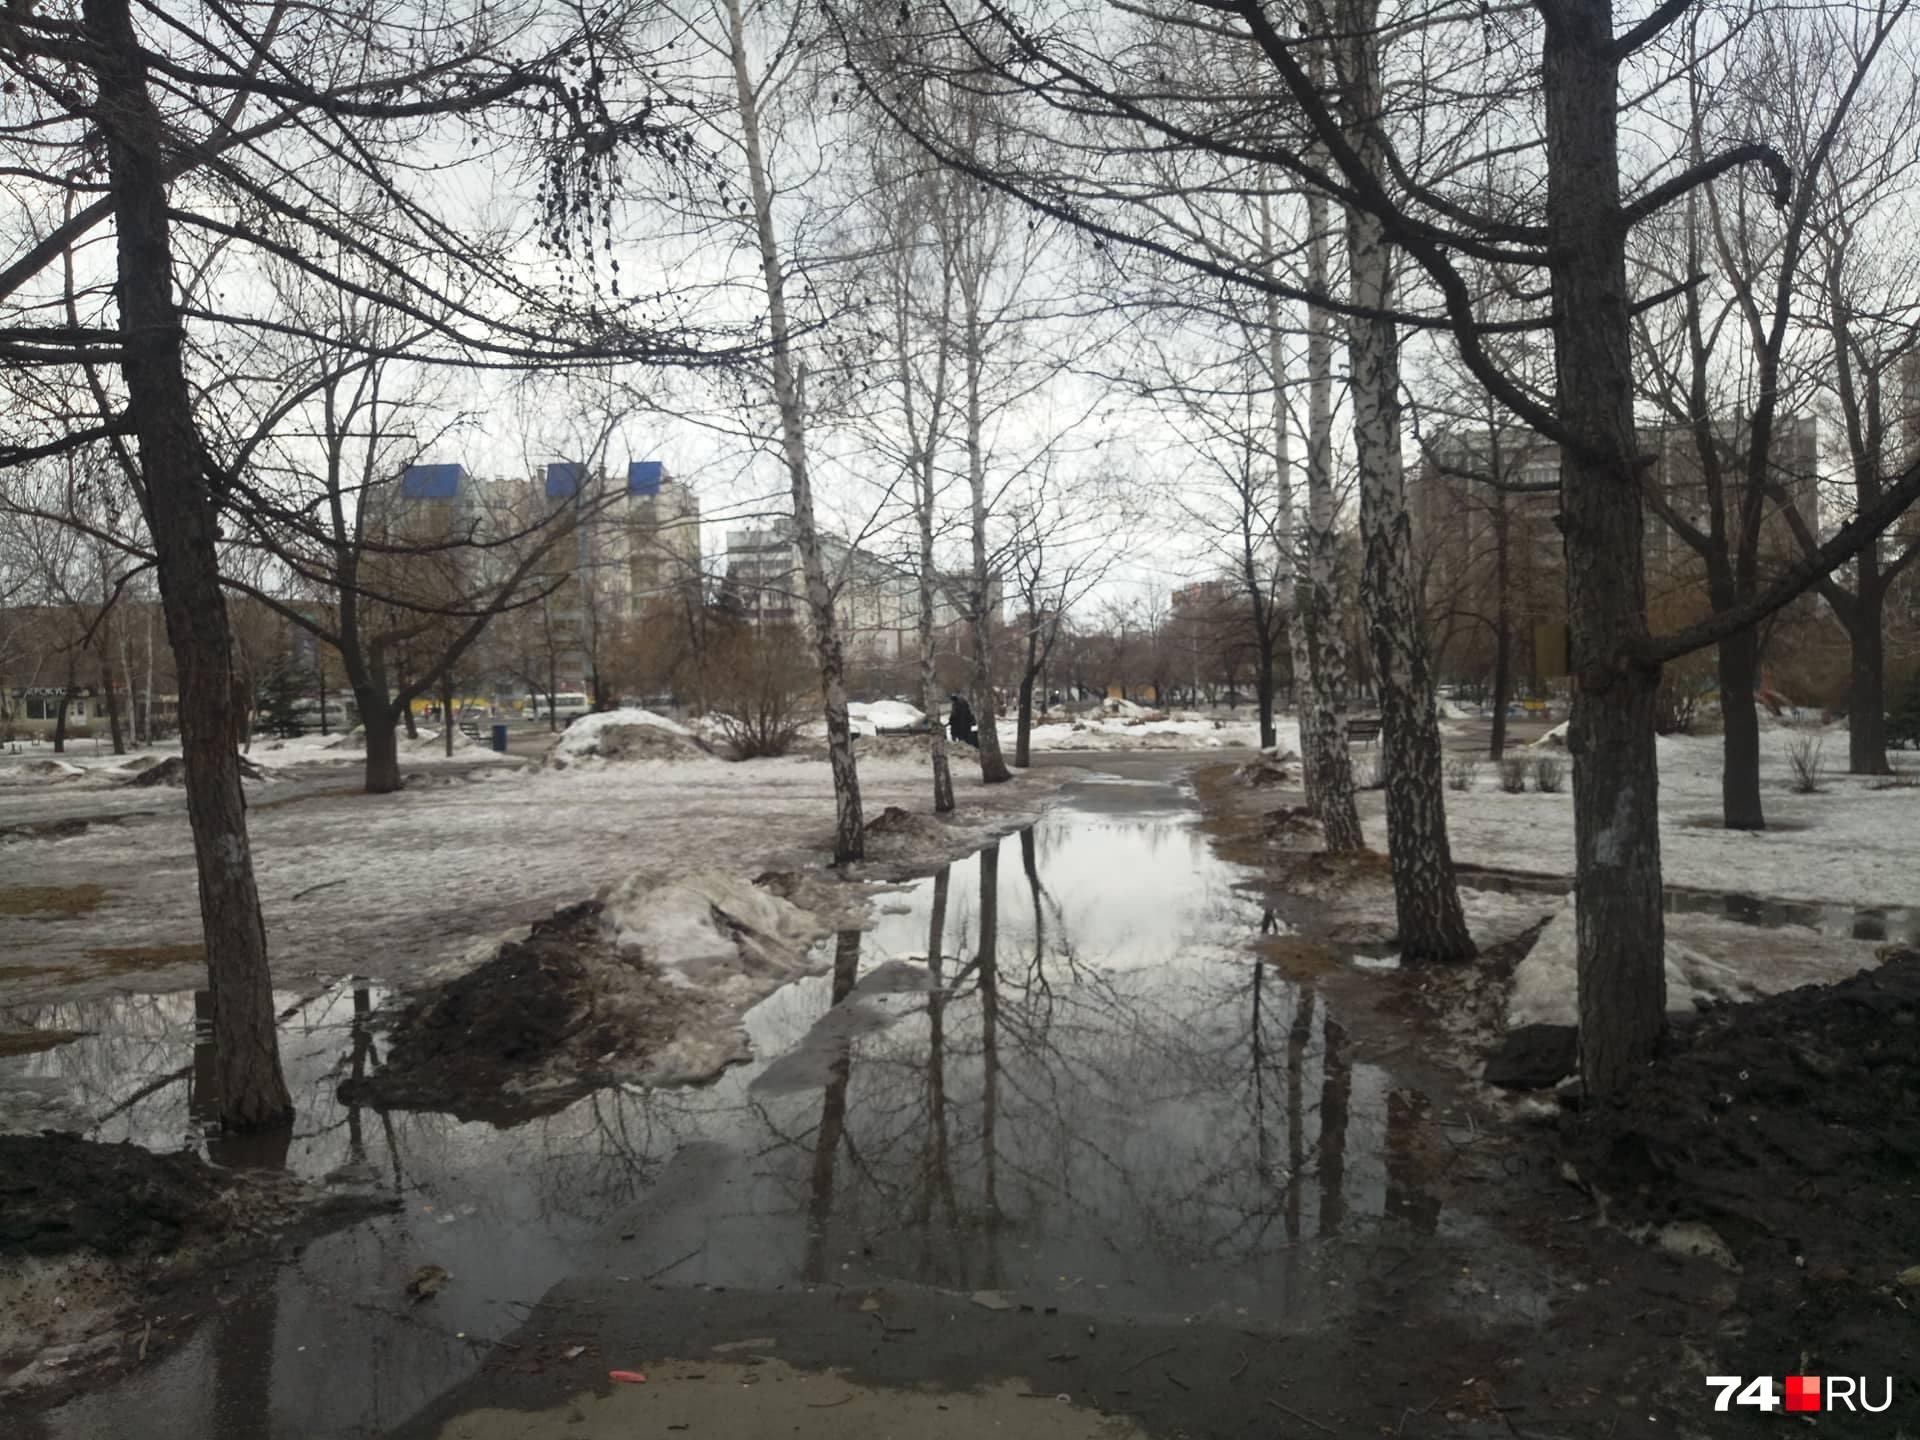 В сквере на Комсомольском проспекте достаточно скверная картина